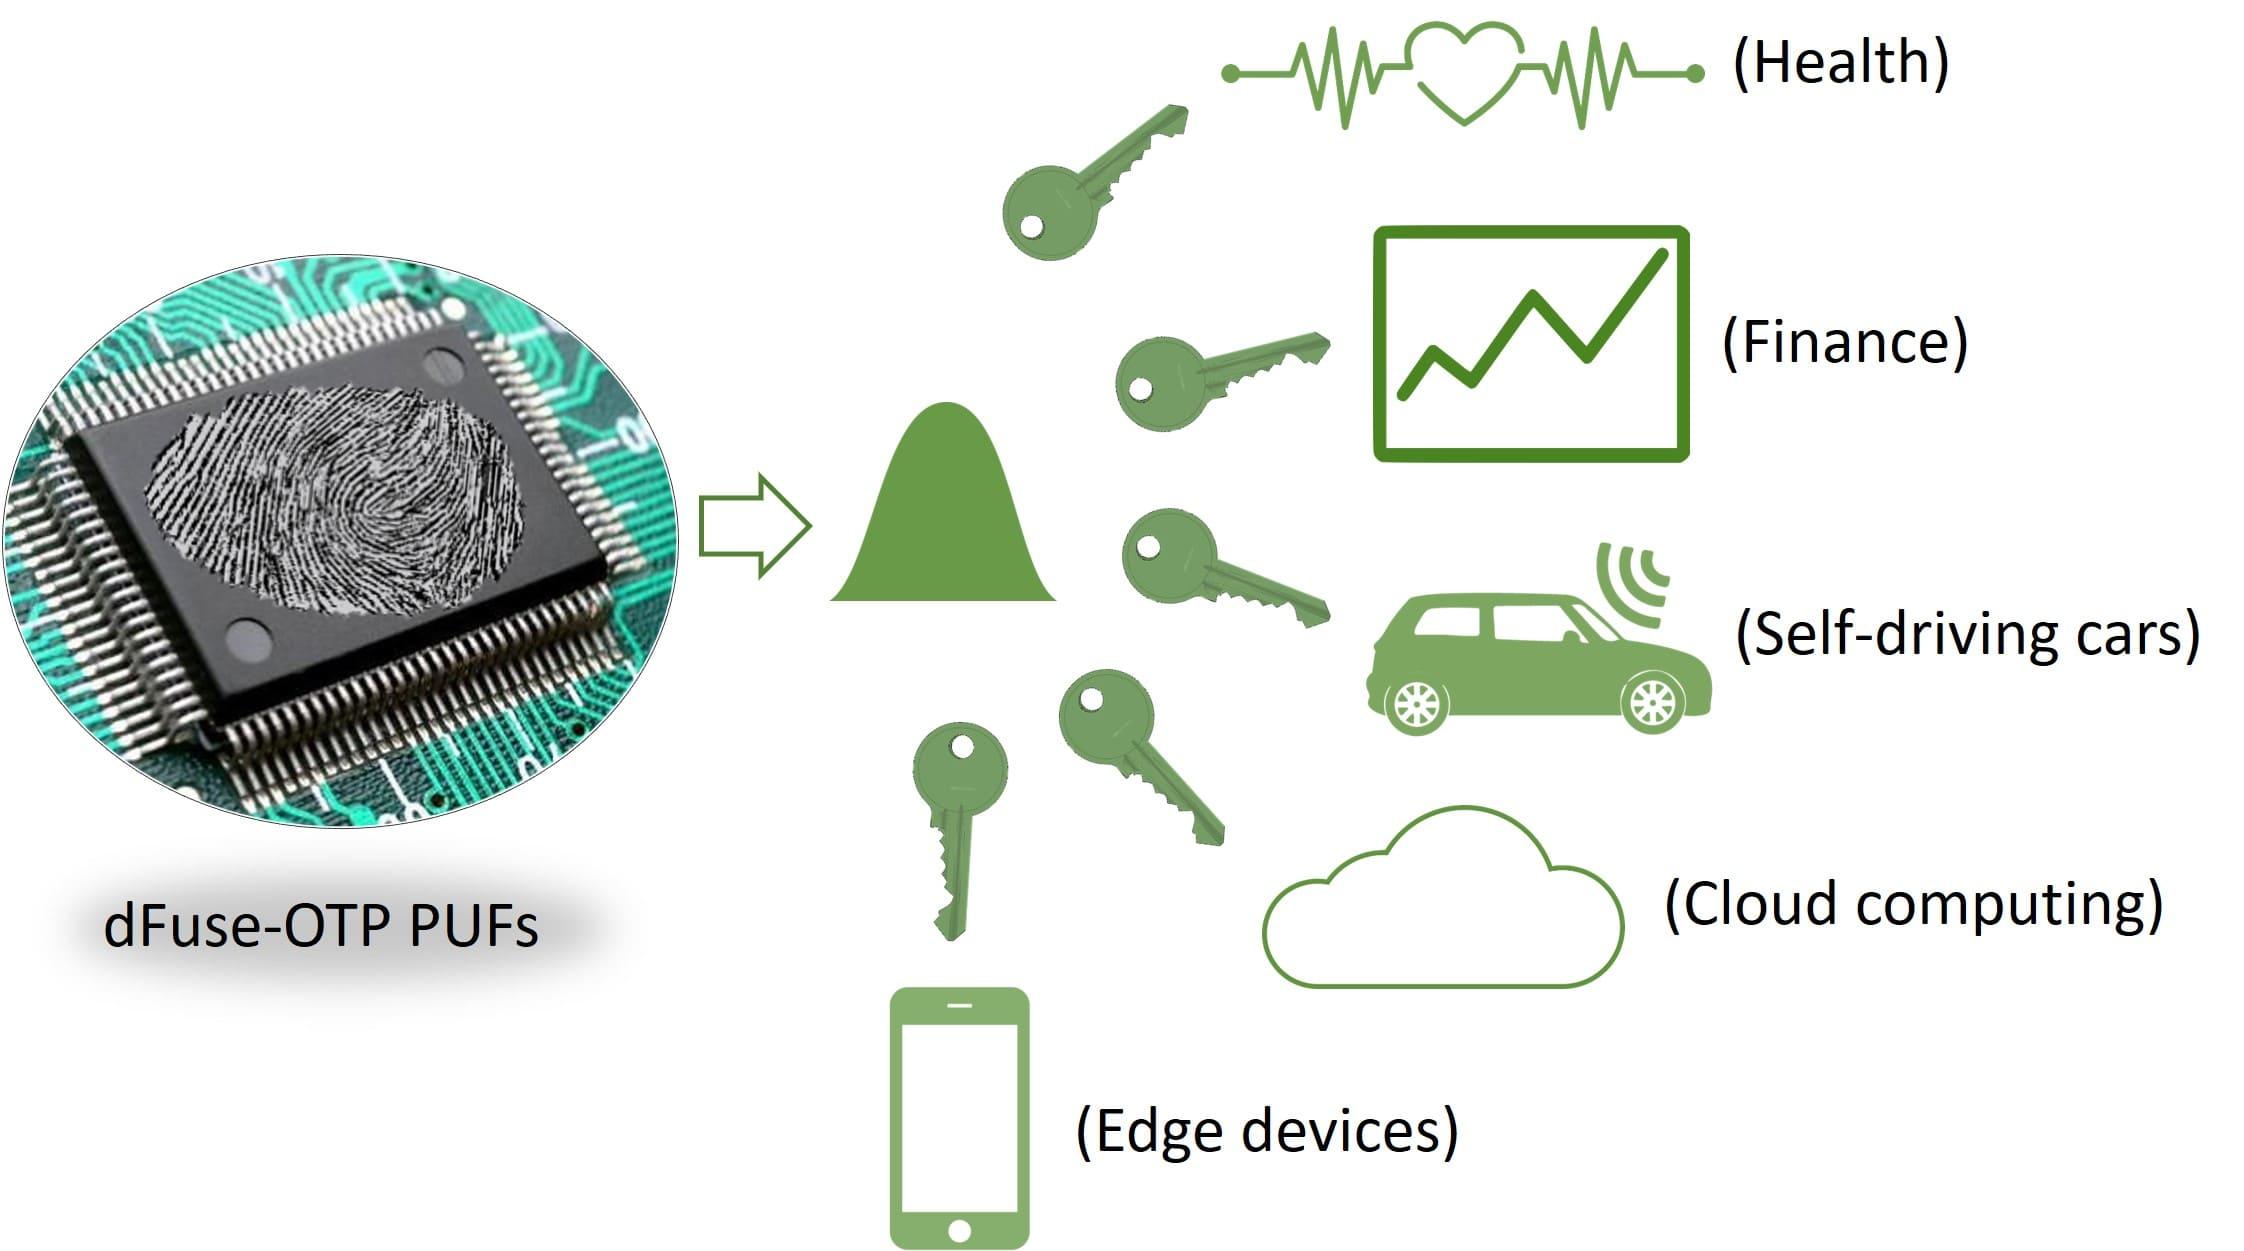 與CMOS技術完全整合無須額外光罩高效節能低成本的新型態「介電質熔絲潰單次編程記憶體晶片」